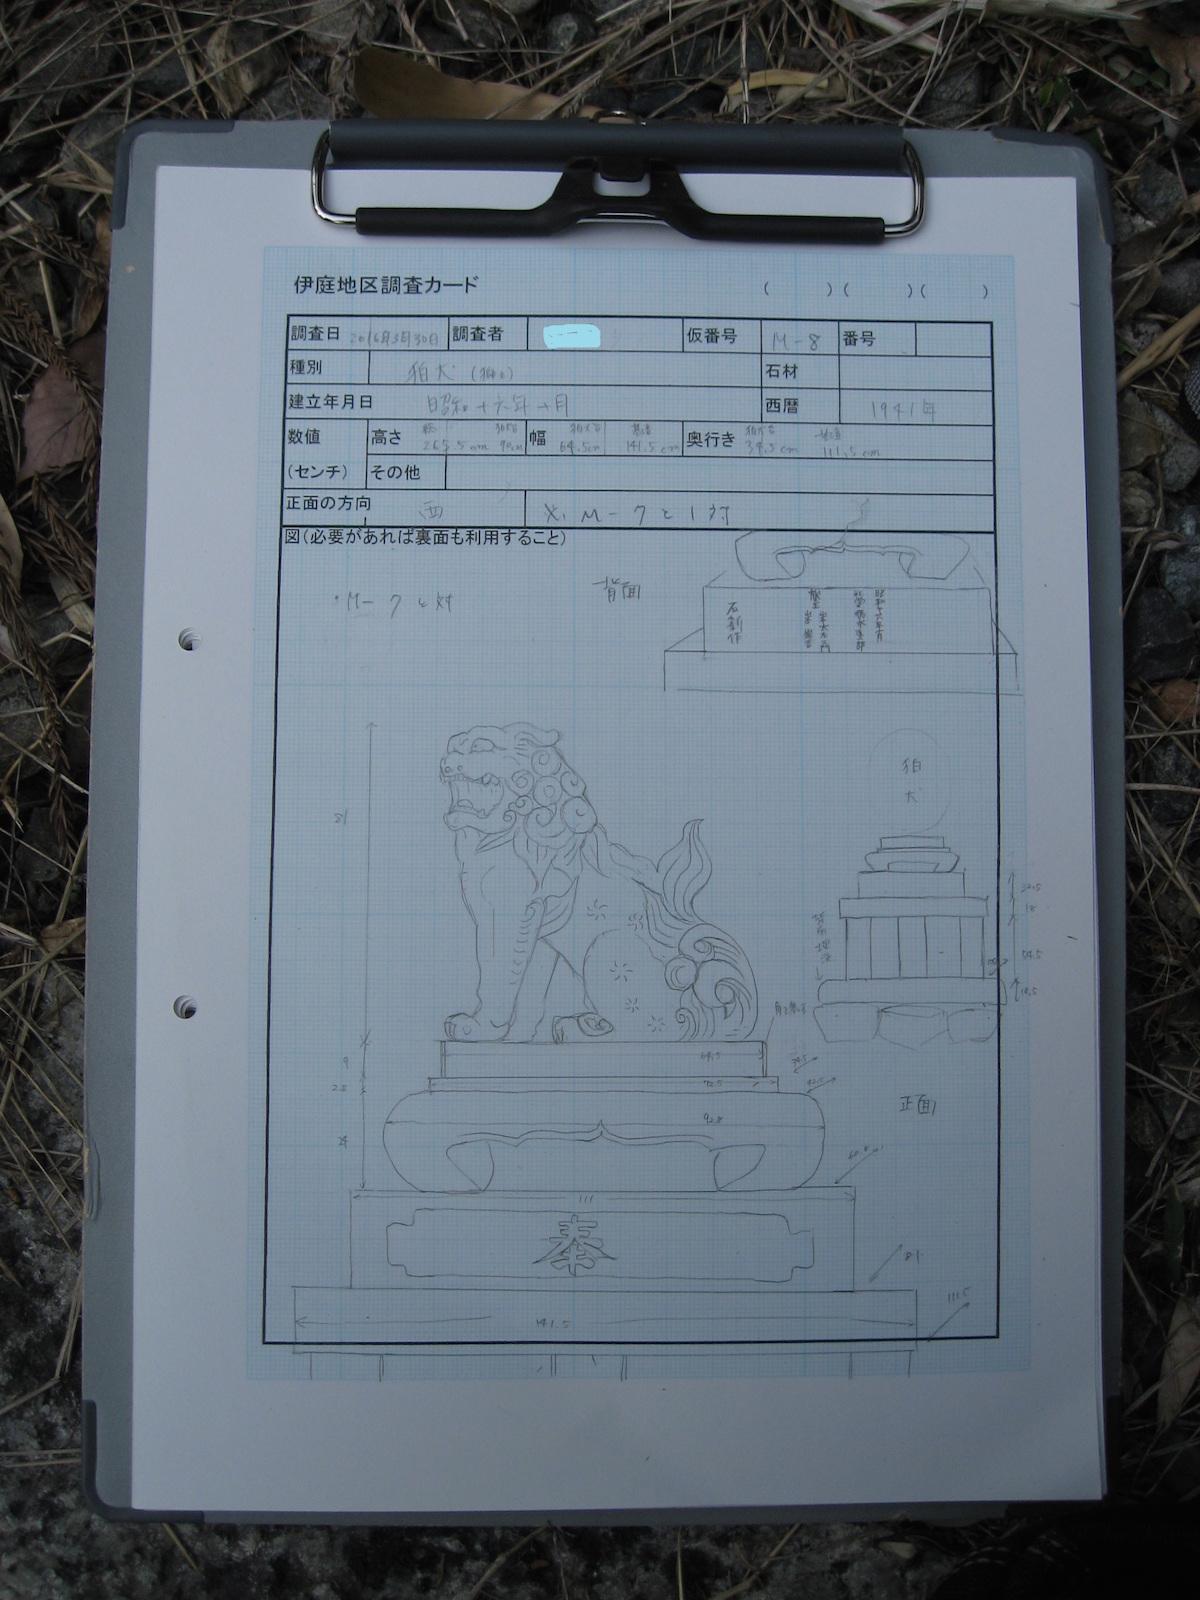 繖山石造物調査の調査票